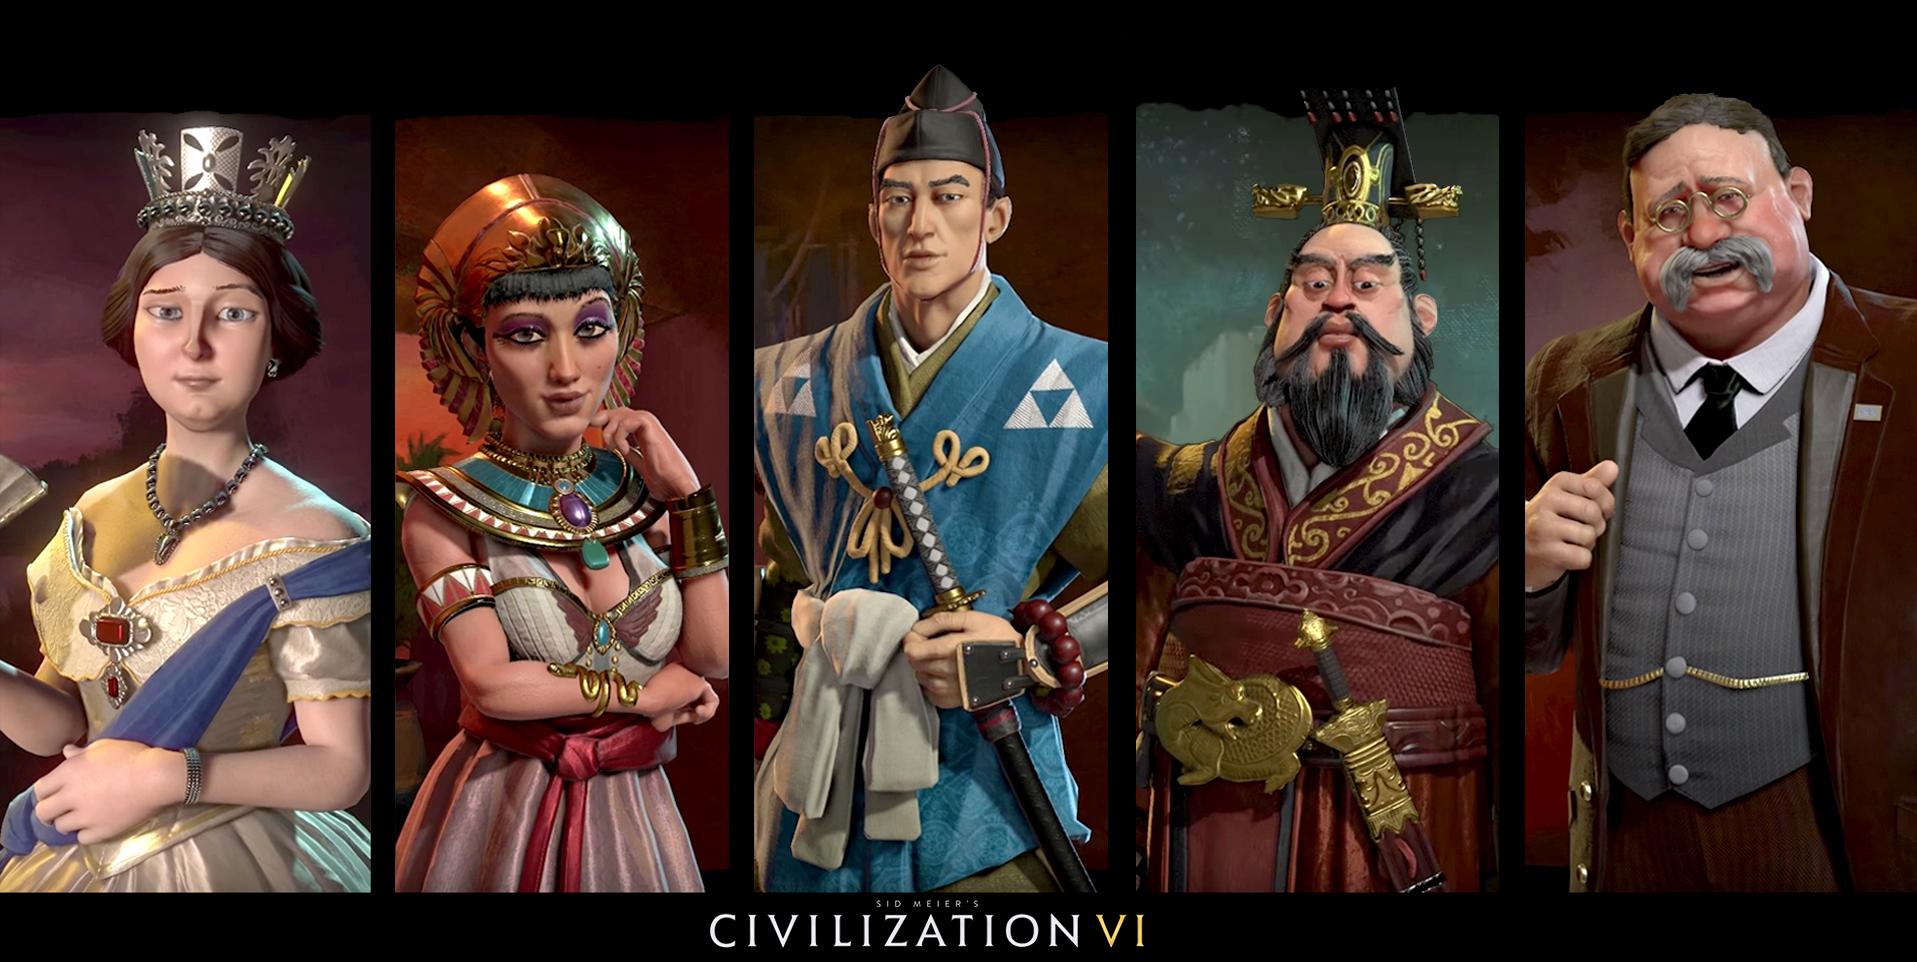 civilizationvi-image-9